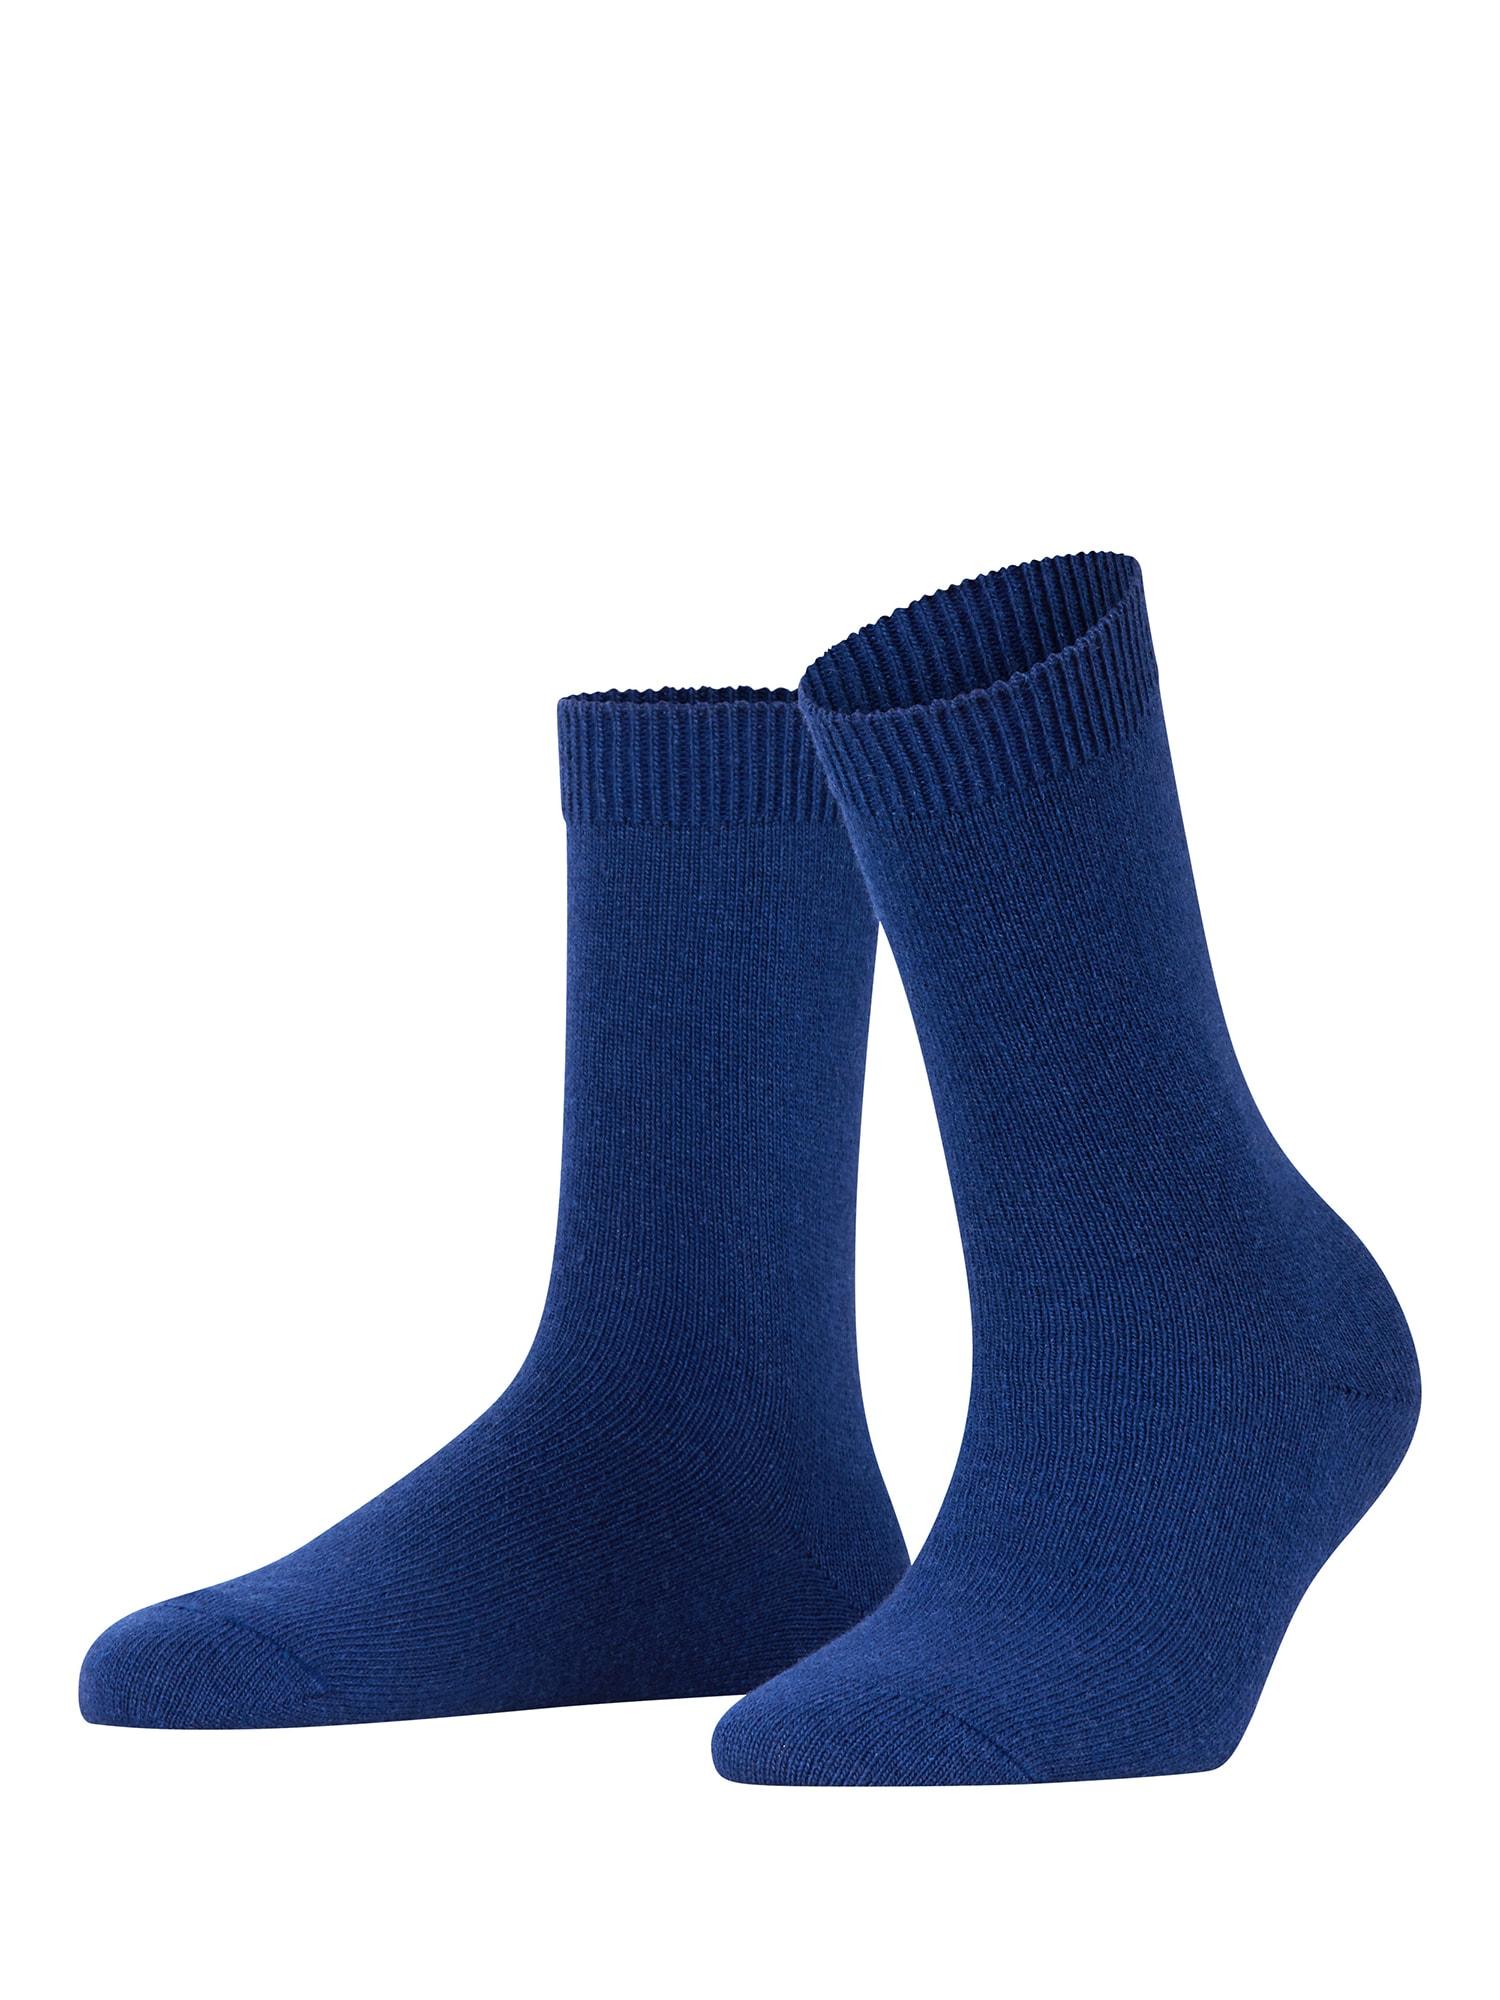 Ponožky Cosy Wool královská modrá FALKE